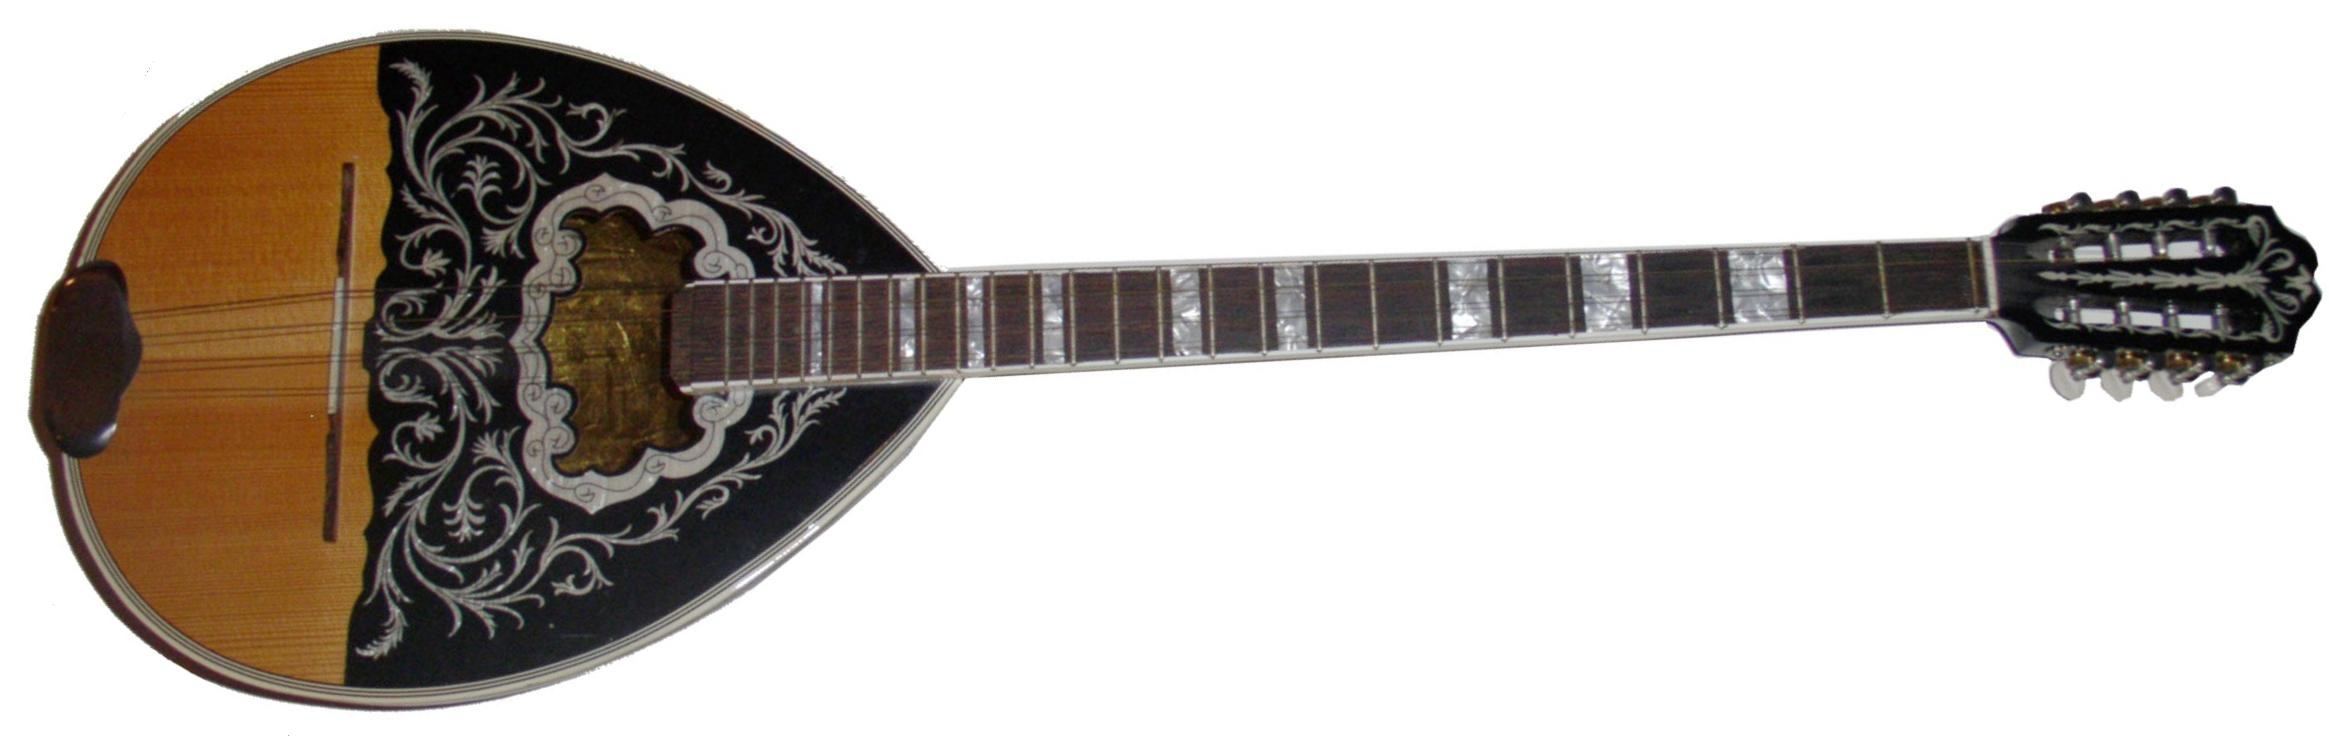 One chord